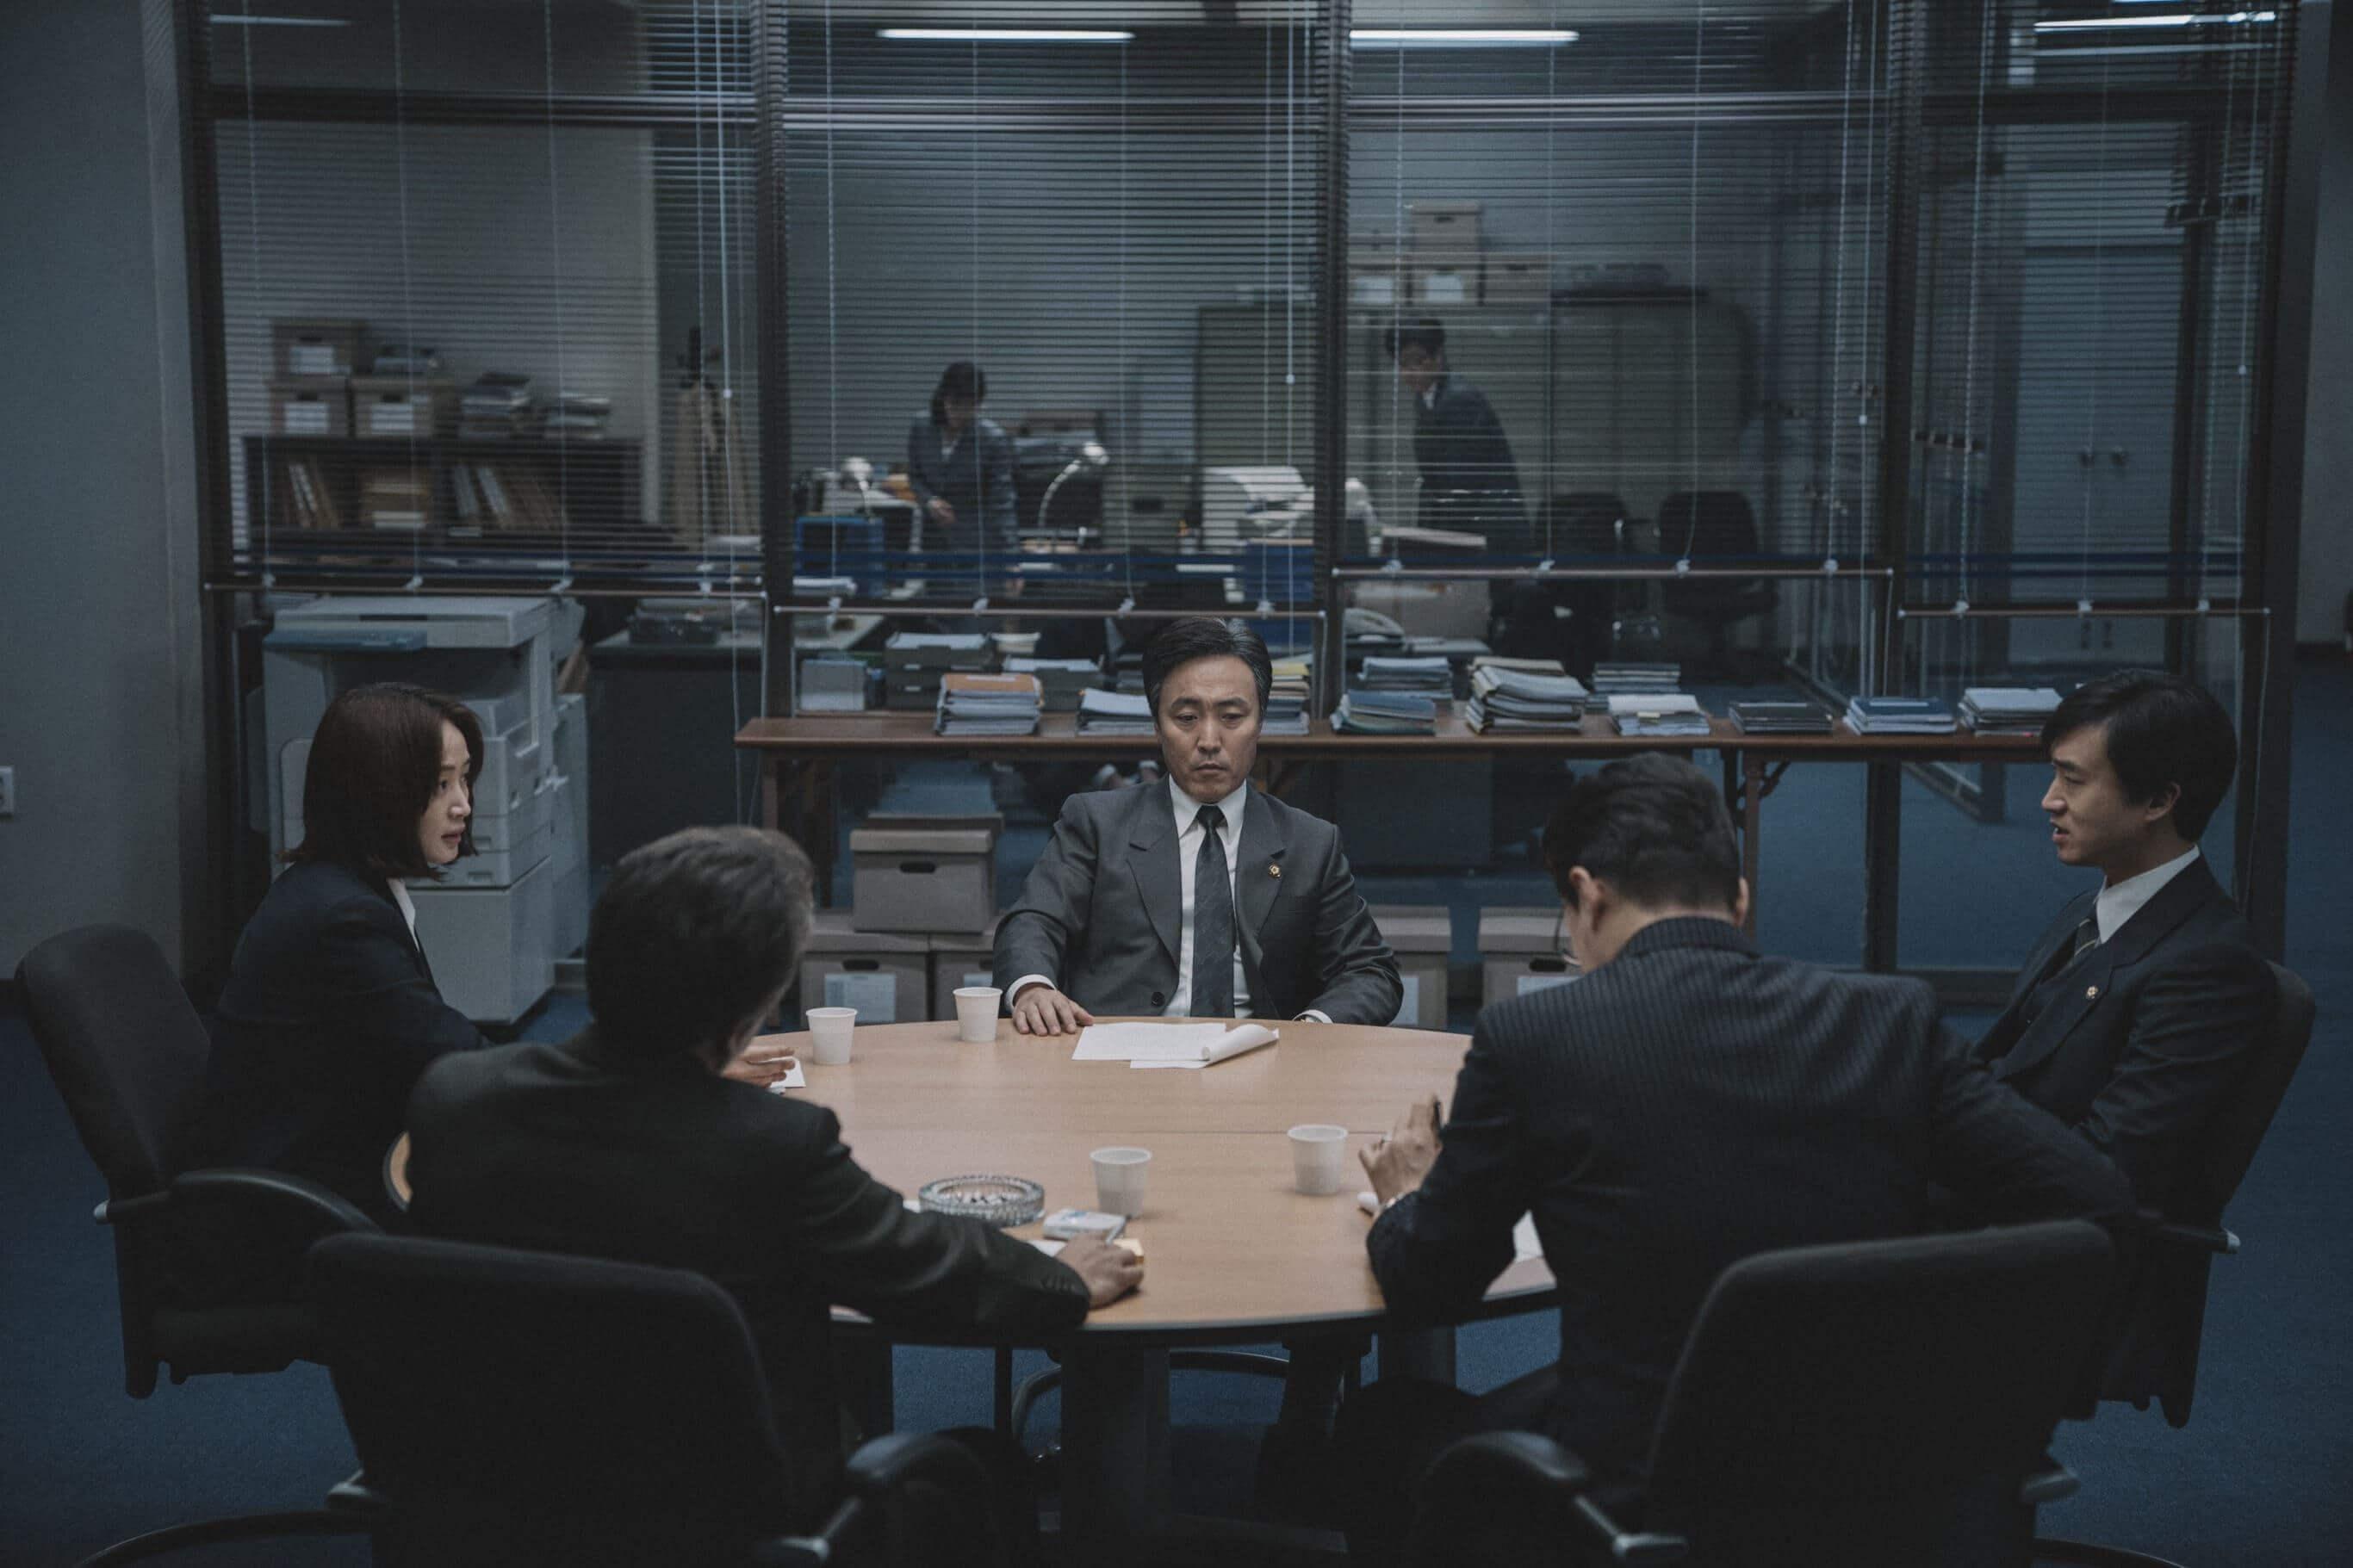 《分秒幣爭》中,國家破產前夕的圓桌會議。